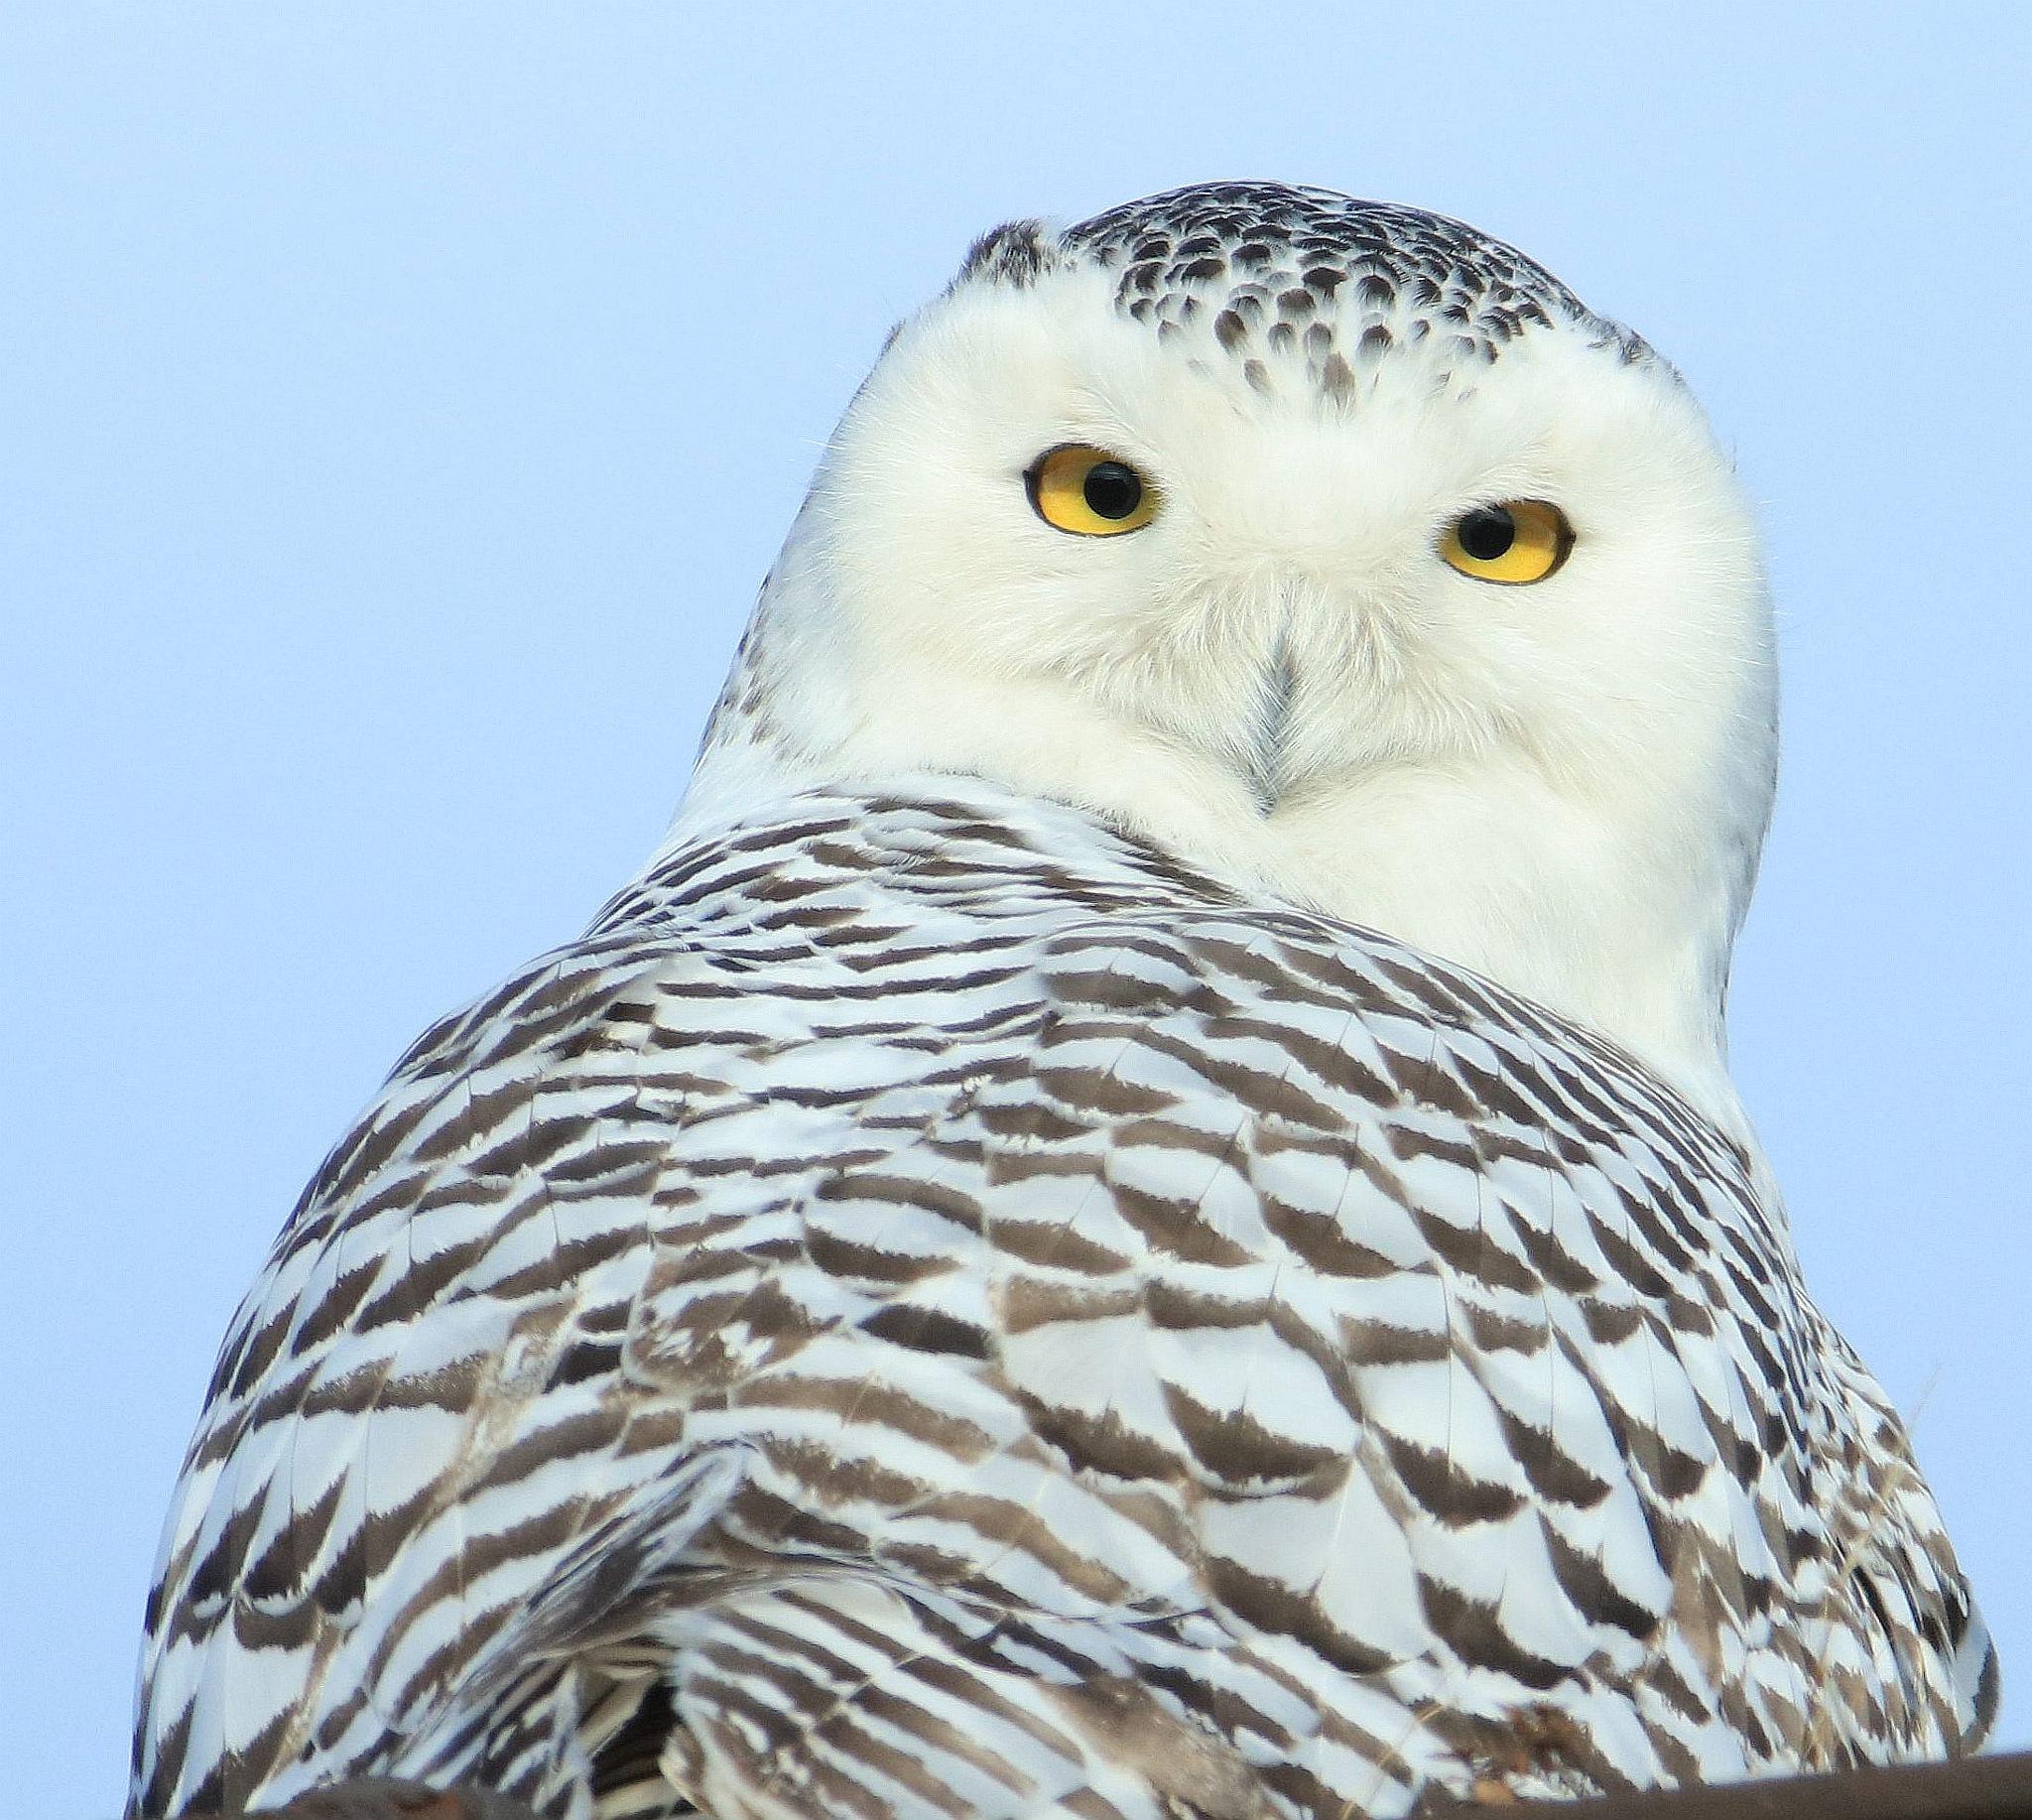 Snowy Owl by N E Yedidağ